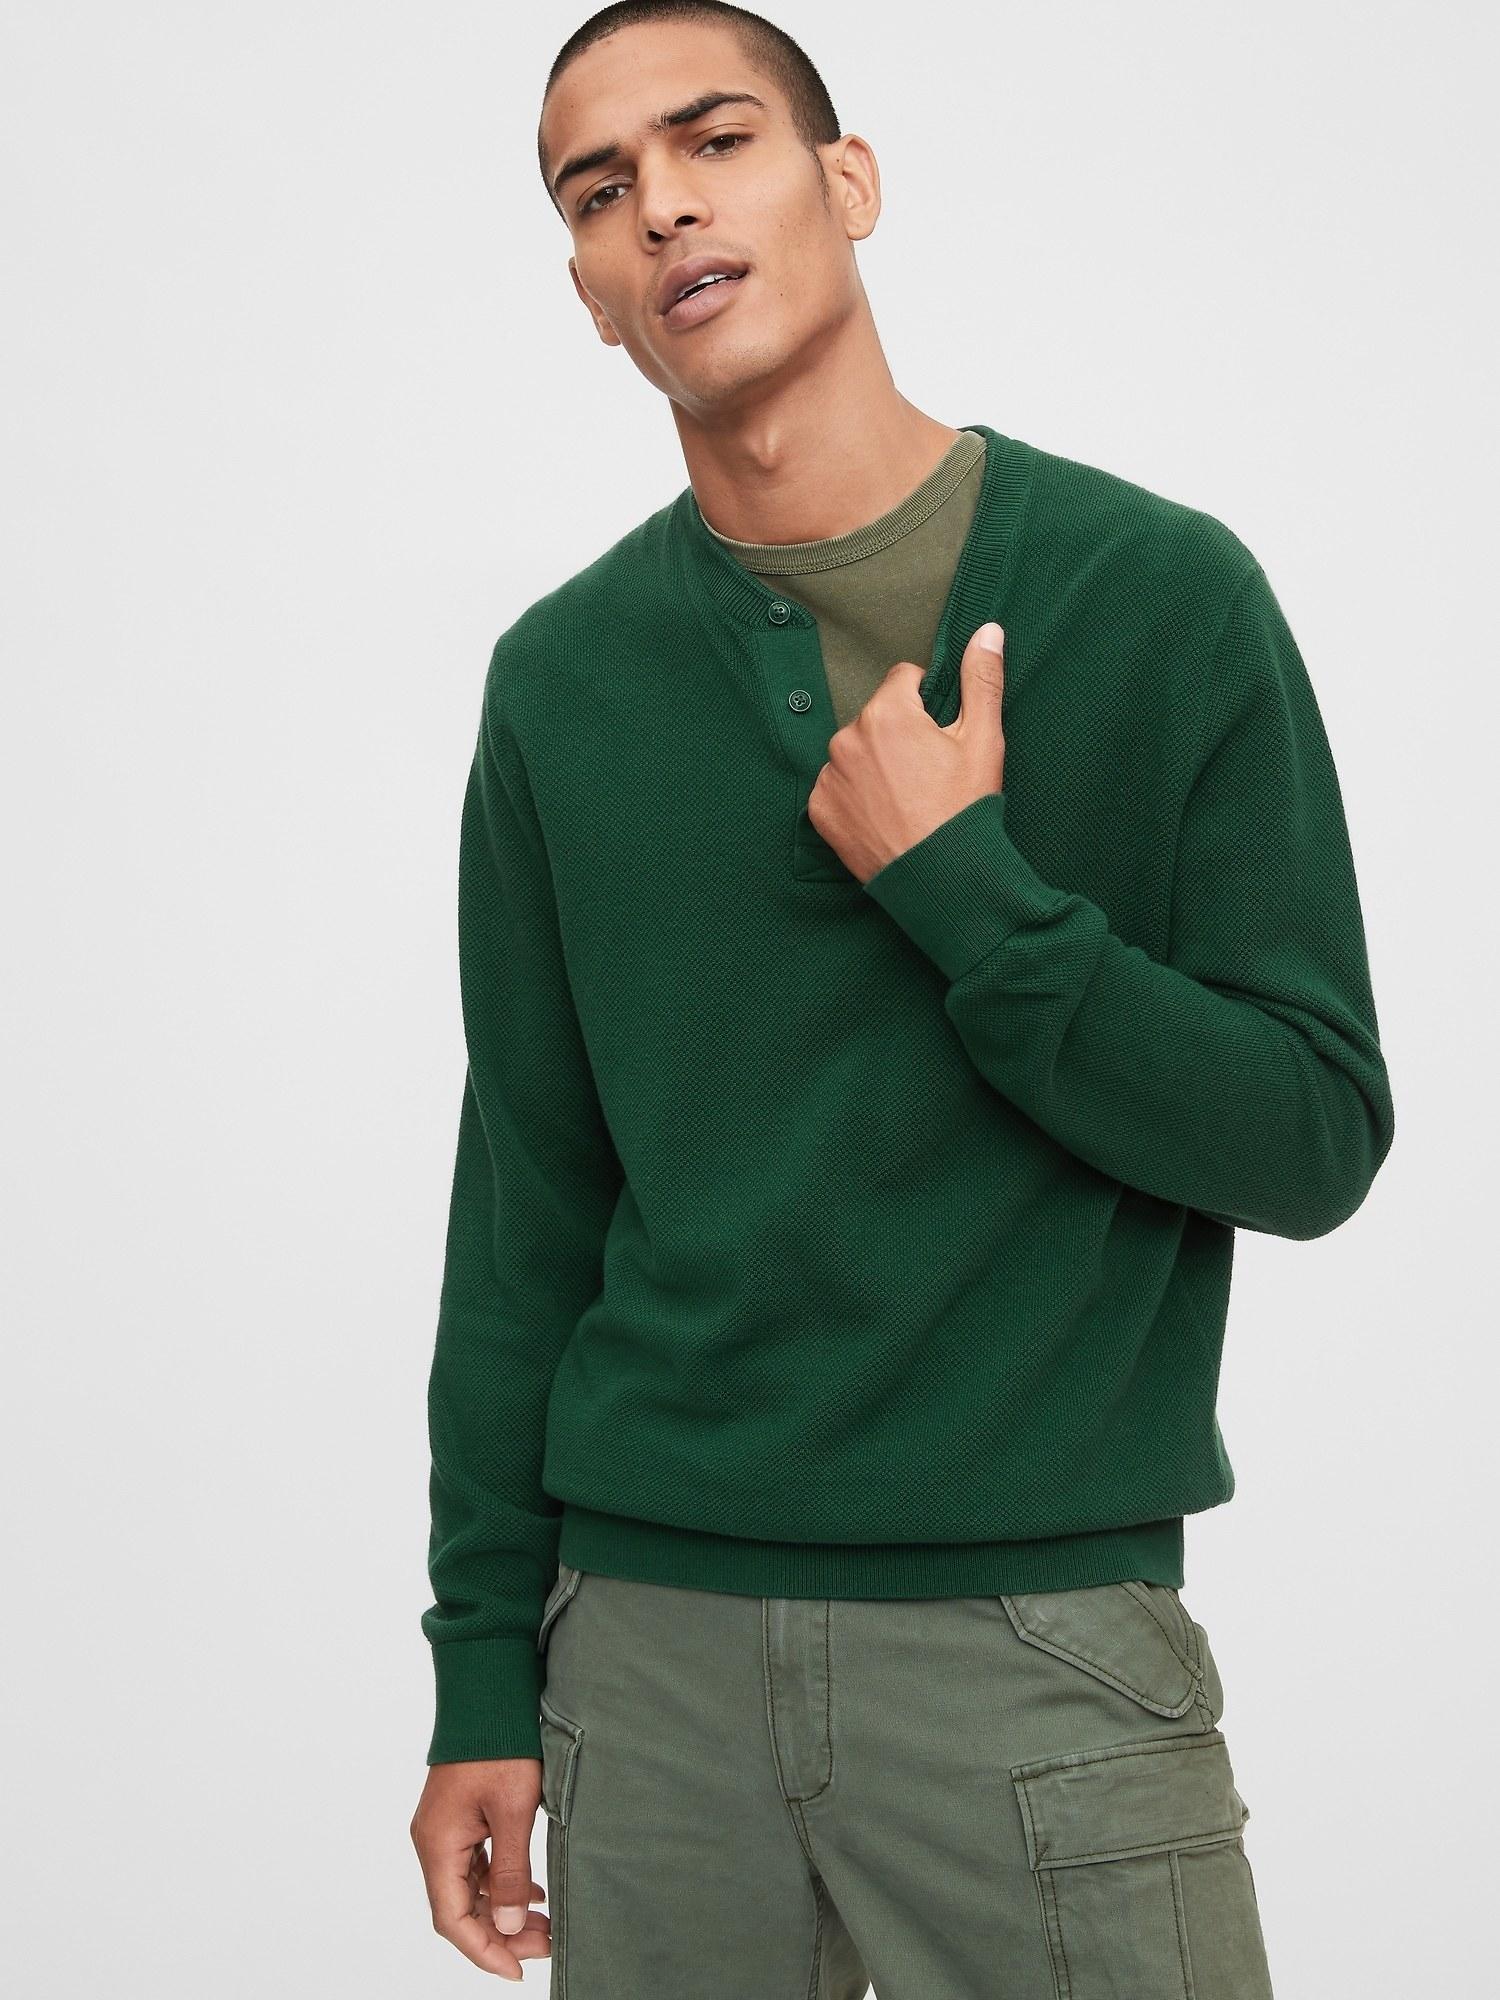 model wearing mainstay henley sweater in pine green